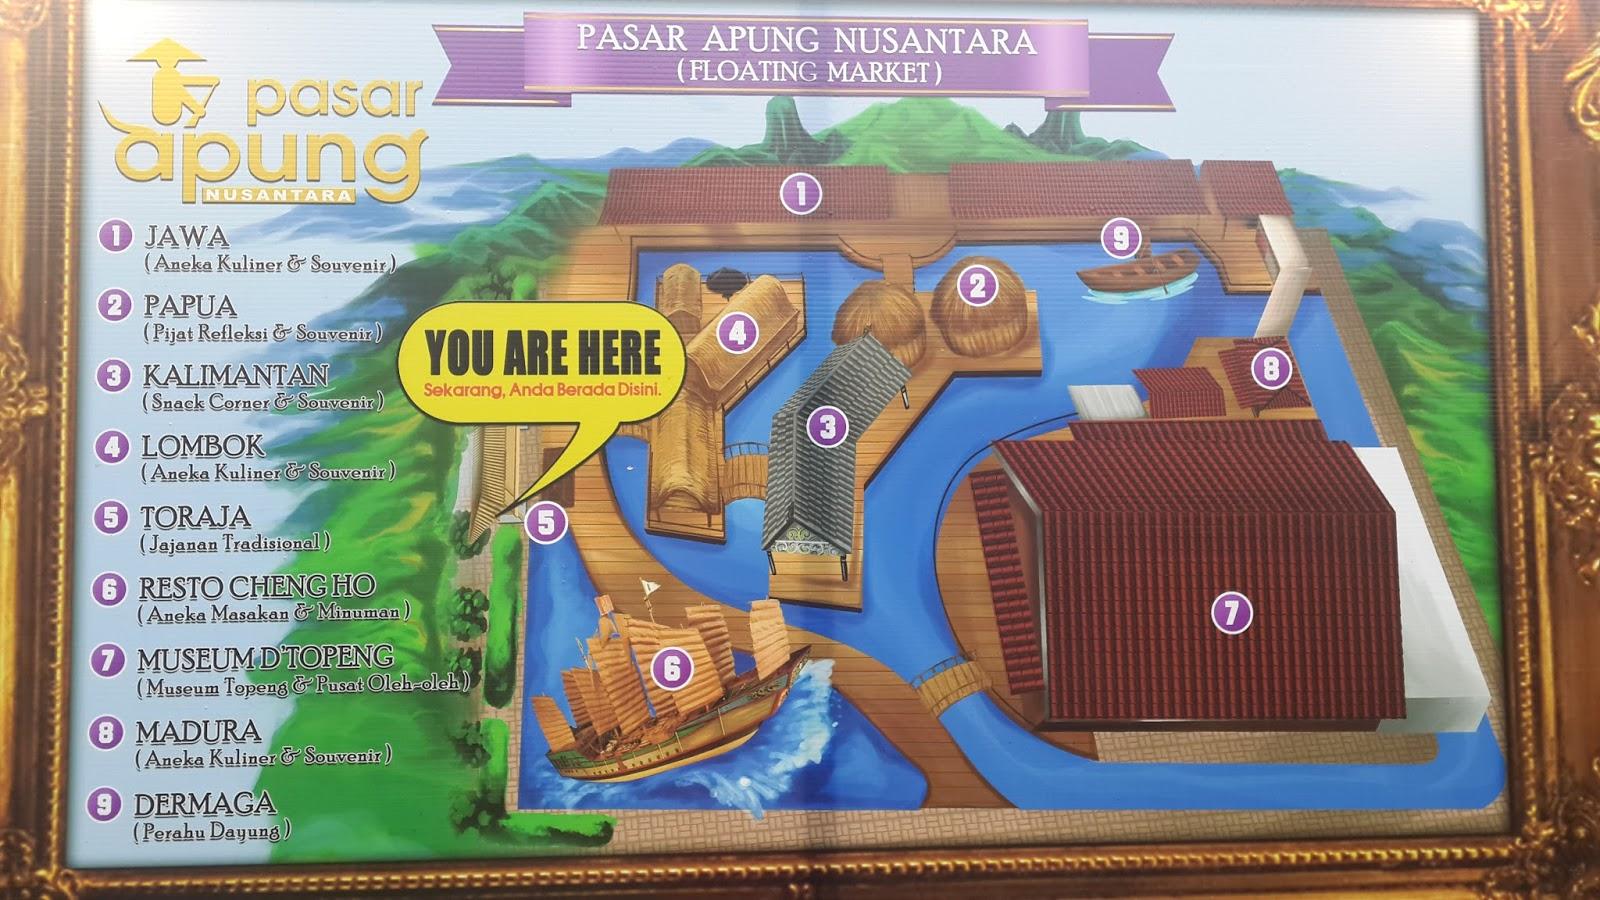 Reni Dwi Astuti Pasar Apung Nusantara Museum Angkut Malang Sebenarnya